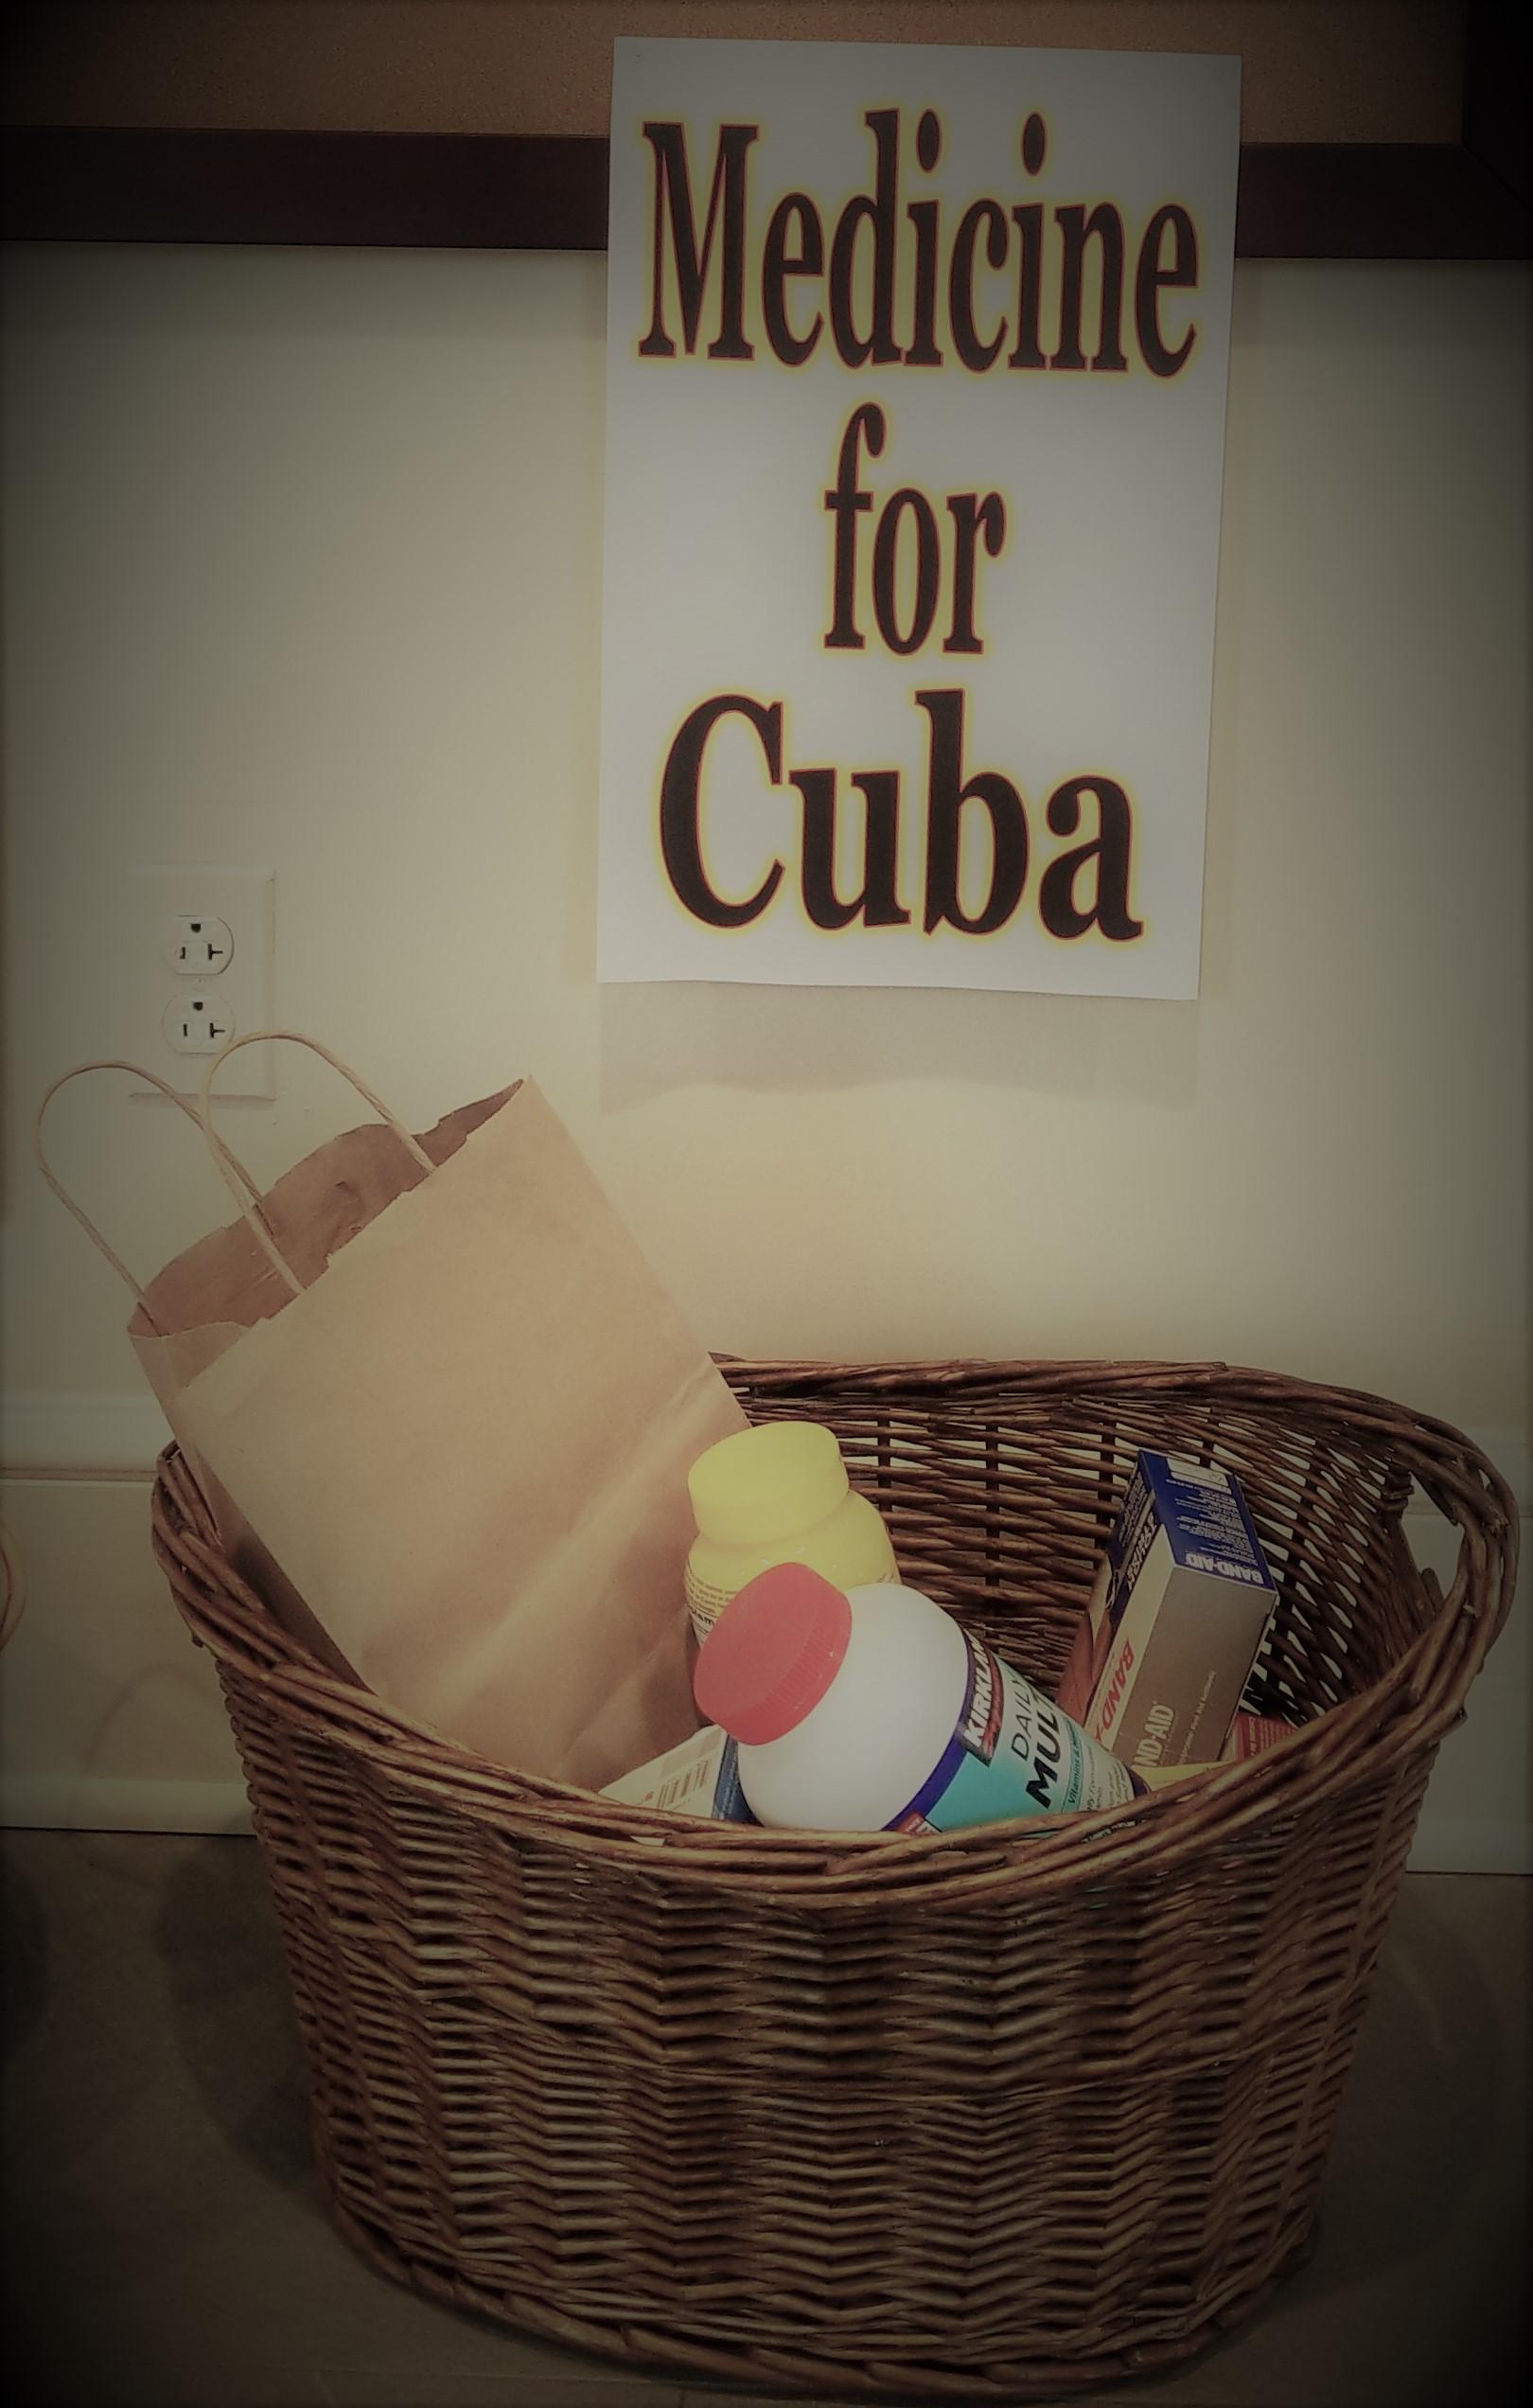 Medicine for Cuba -